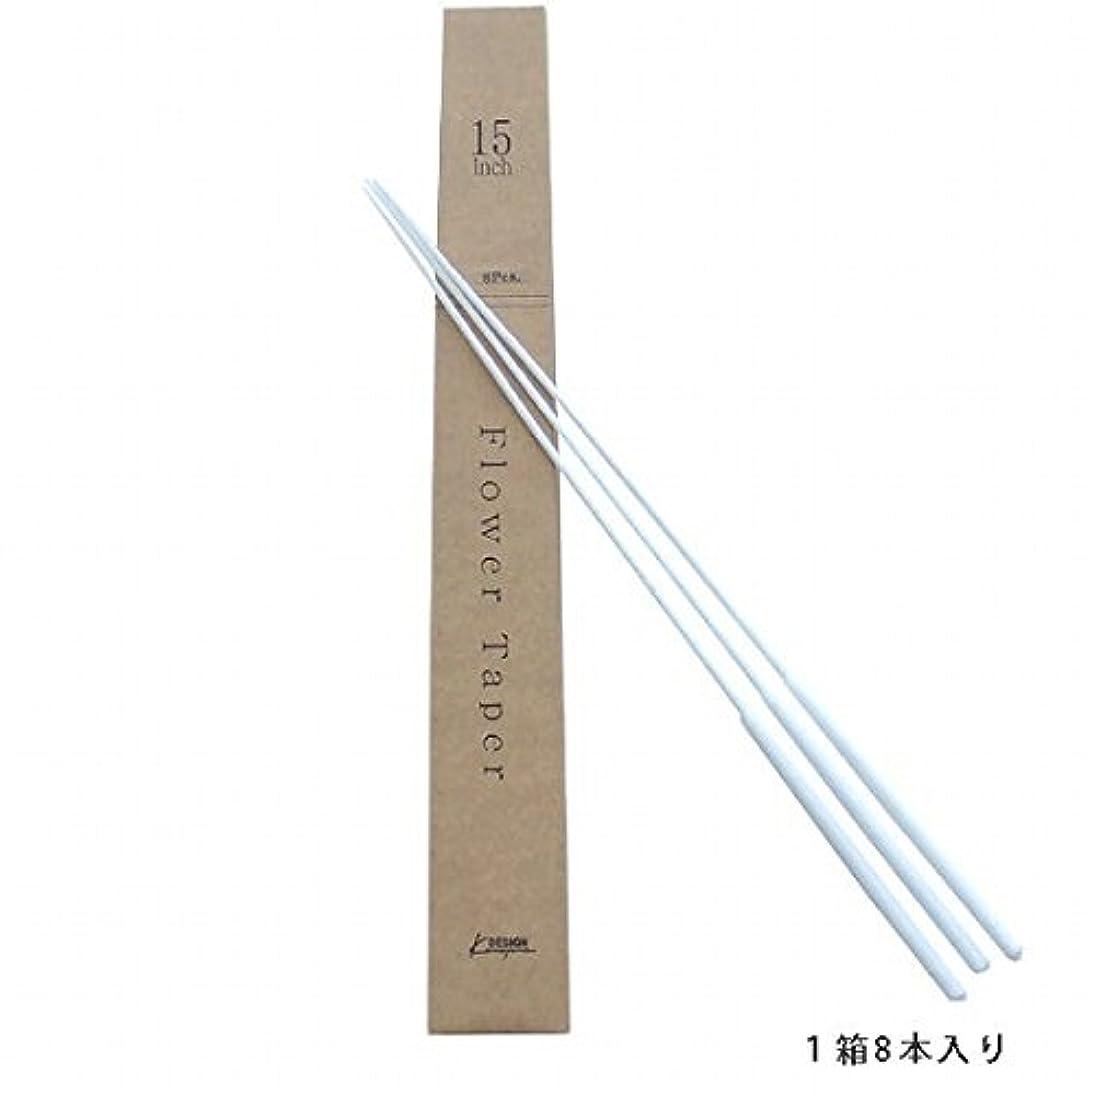 フォーマット部貫通するカメヤマキャンドル( kameyama candle ) 15インチトーチ用フラワーテーパー 8本入 「 ホワイト 」